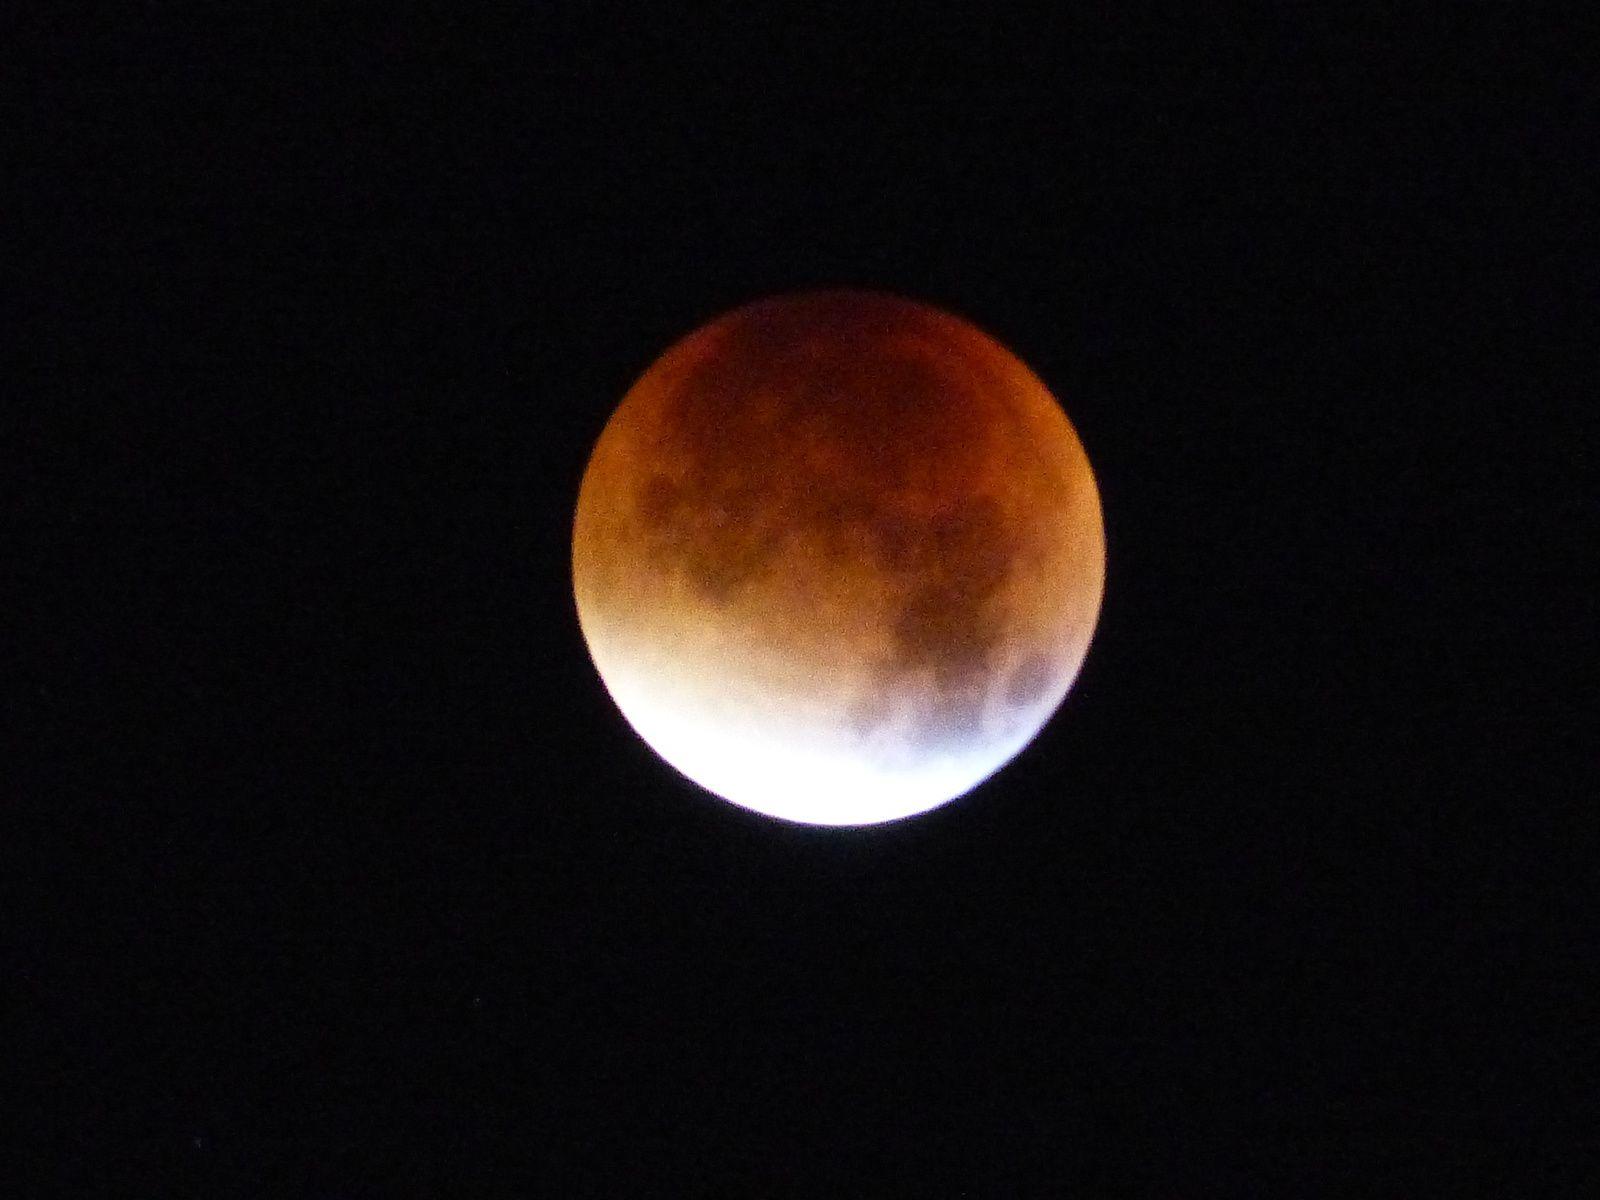 c'était pendant l'éclipse de ce jour 28/09/2015 entre 4h et 5h30